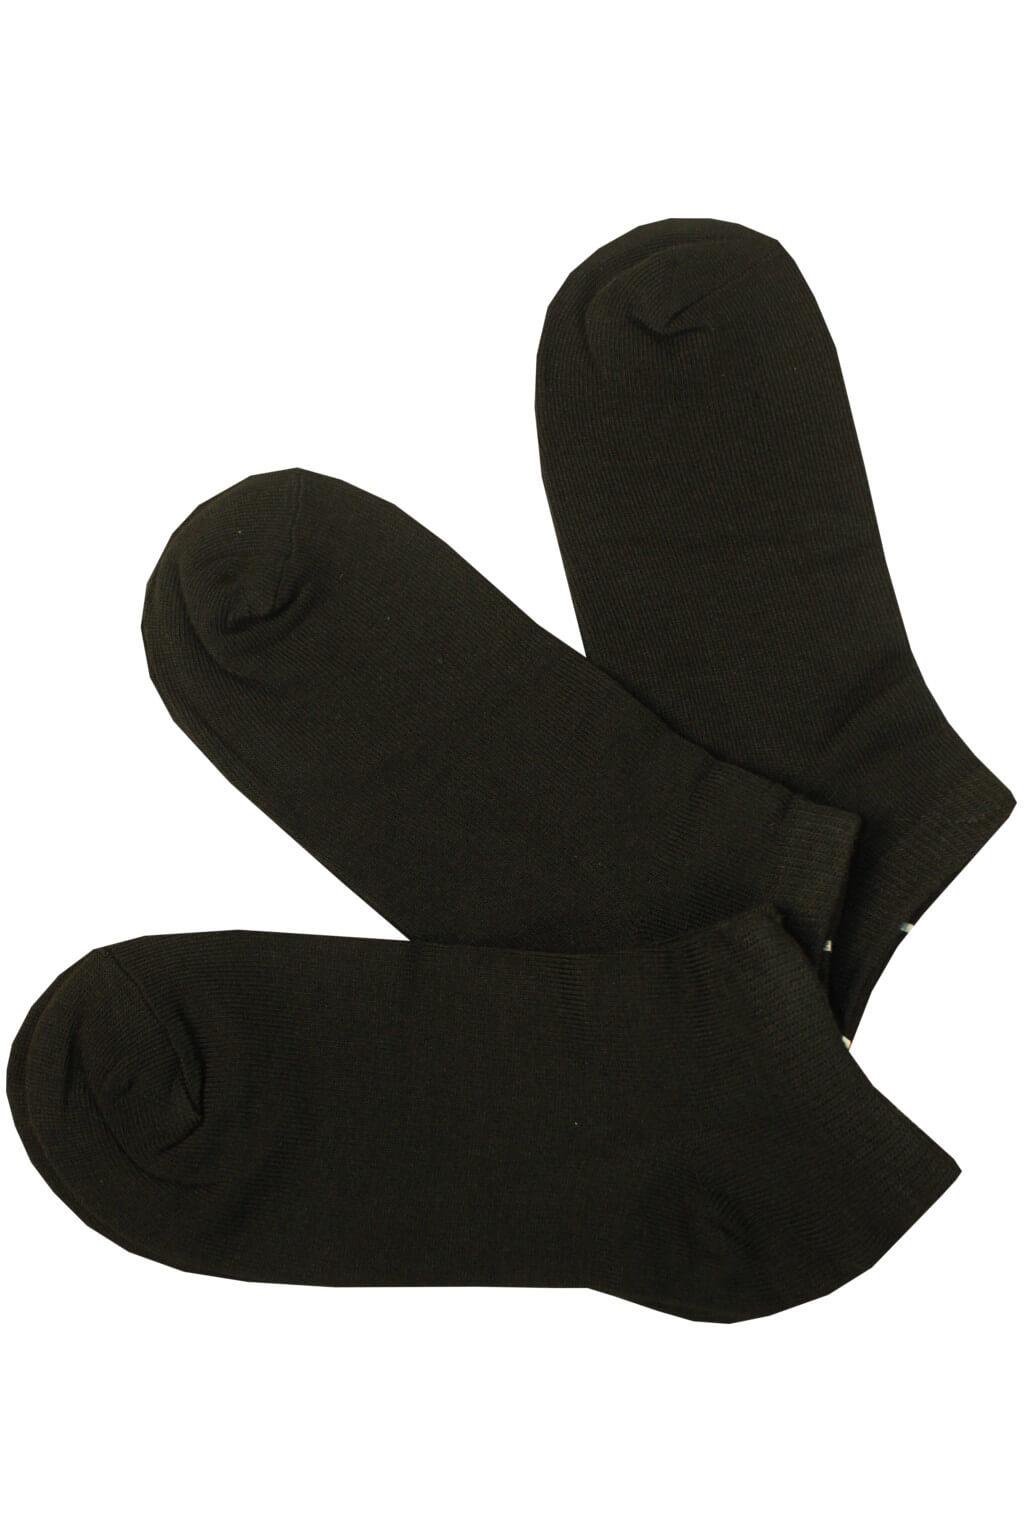 Dámské levné kotníčkové ponožky SY 150C - 3 páry 35-38 černá